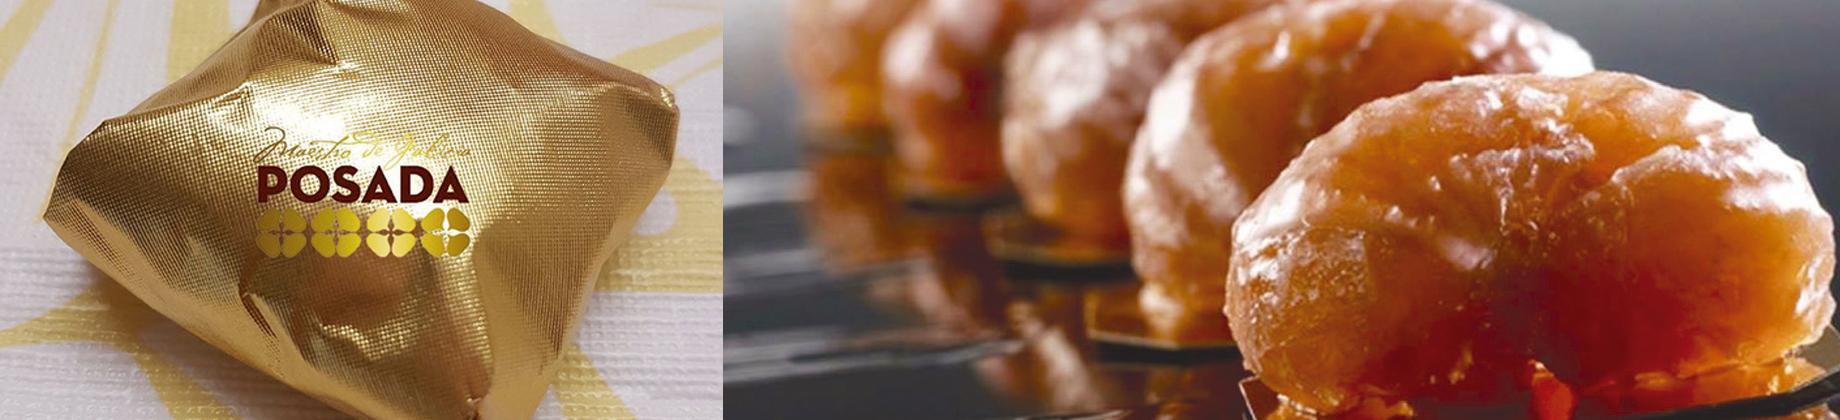 De castaña a marron glacé: de fruto a manjar